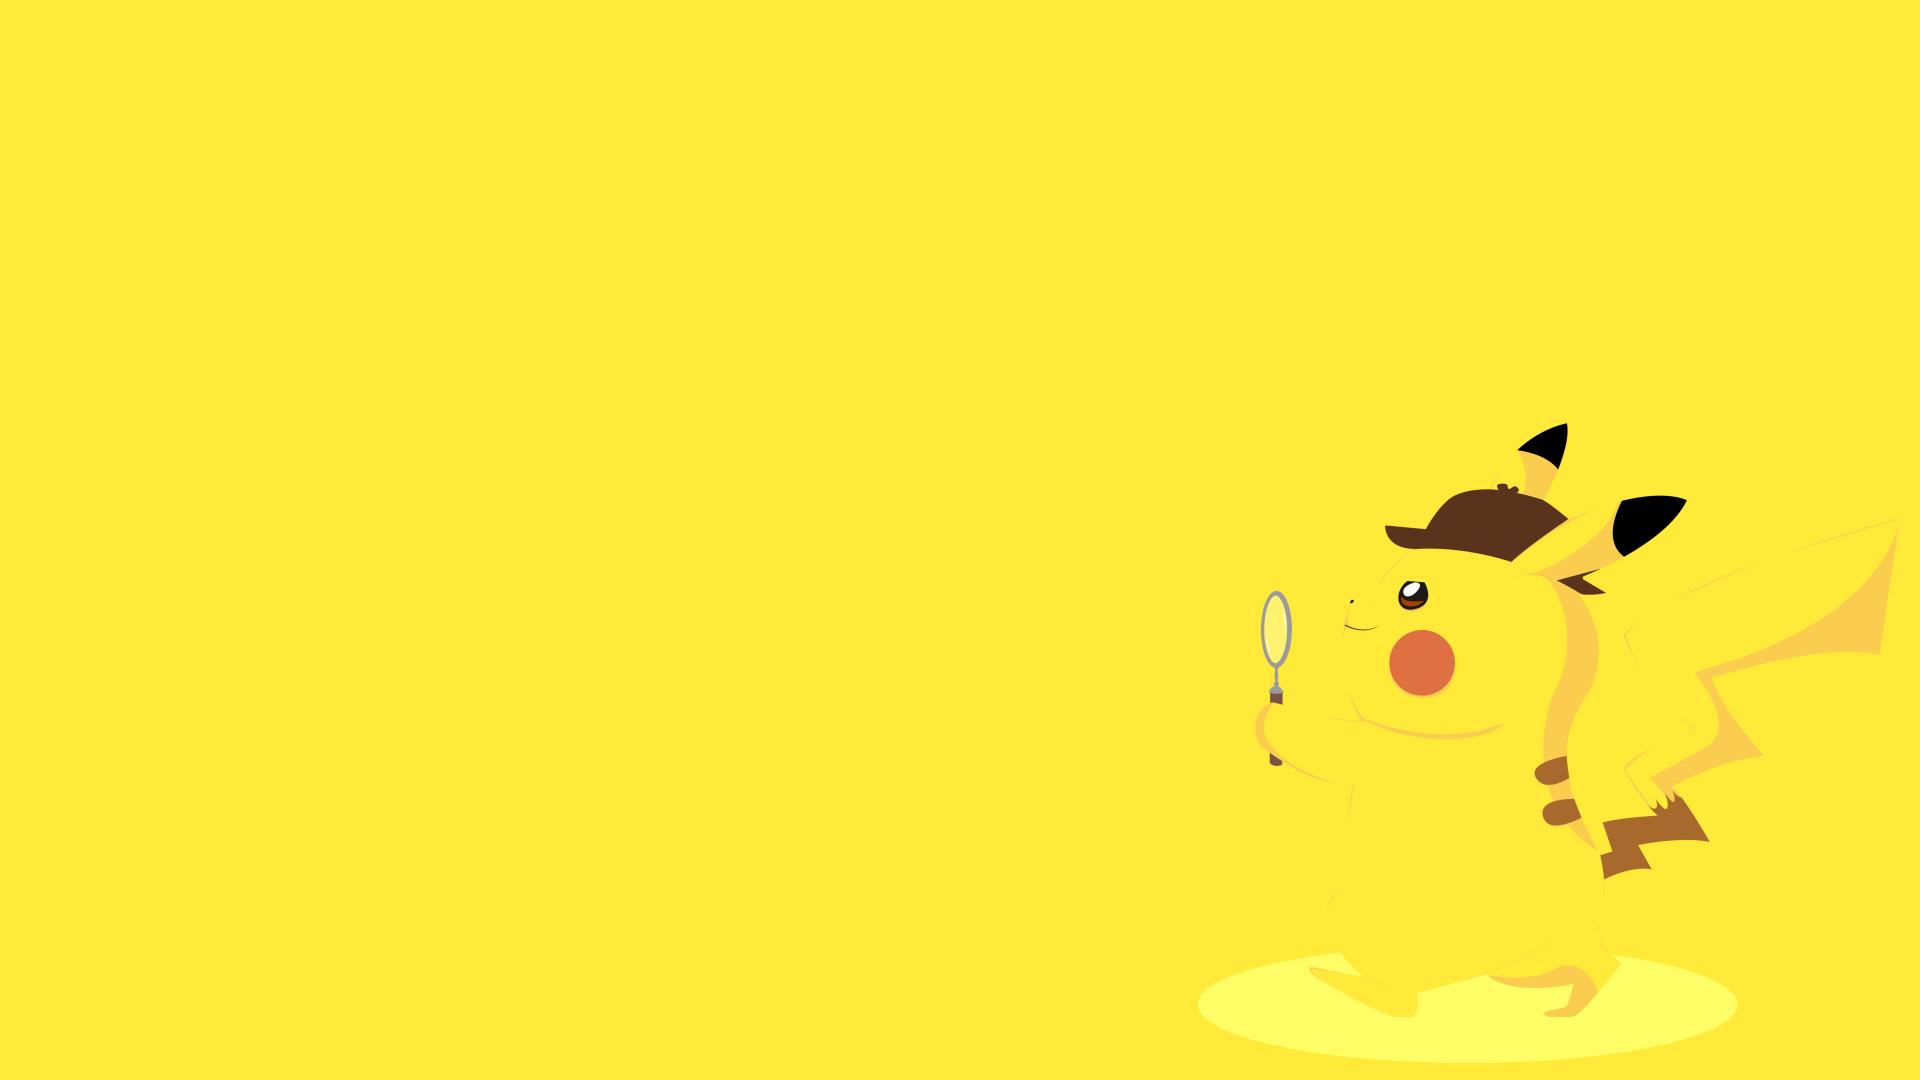 Hình nền Pikachu thám tử